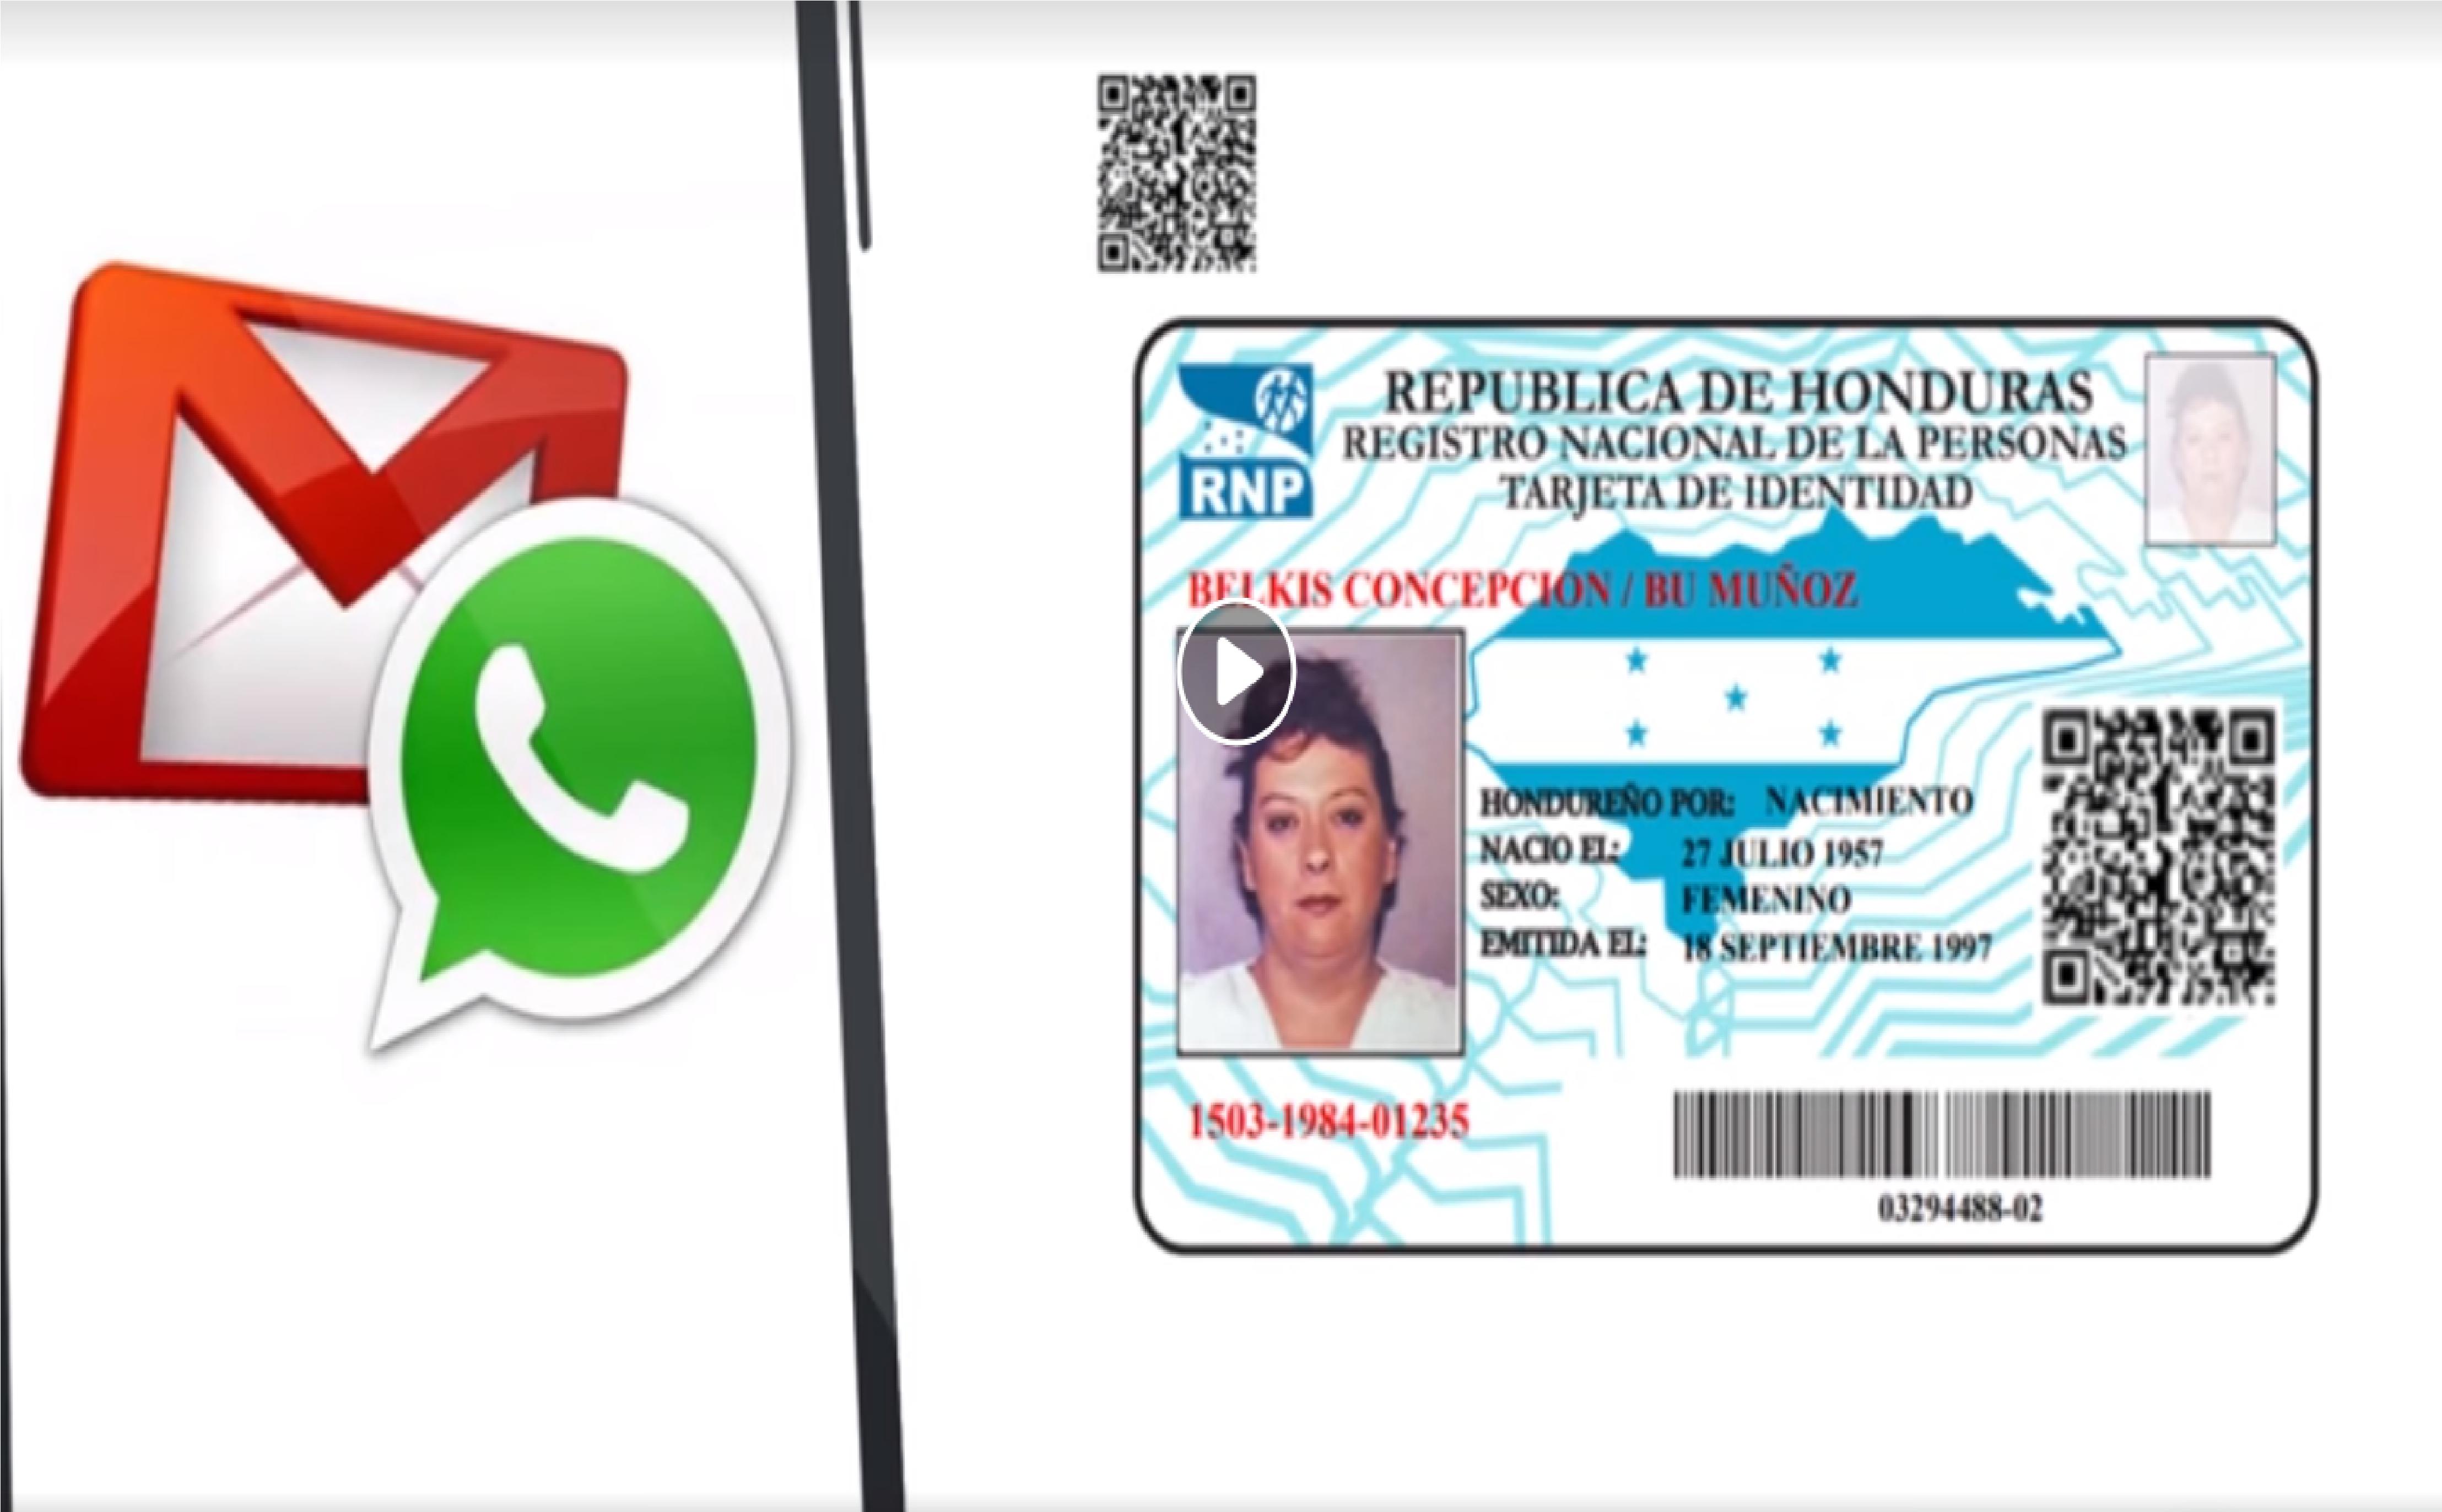 La cédula será enviada por WhatsApp o correo electrónico y debe ser aceptada en cualquier institución al realizar un trámite.